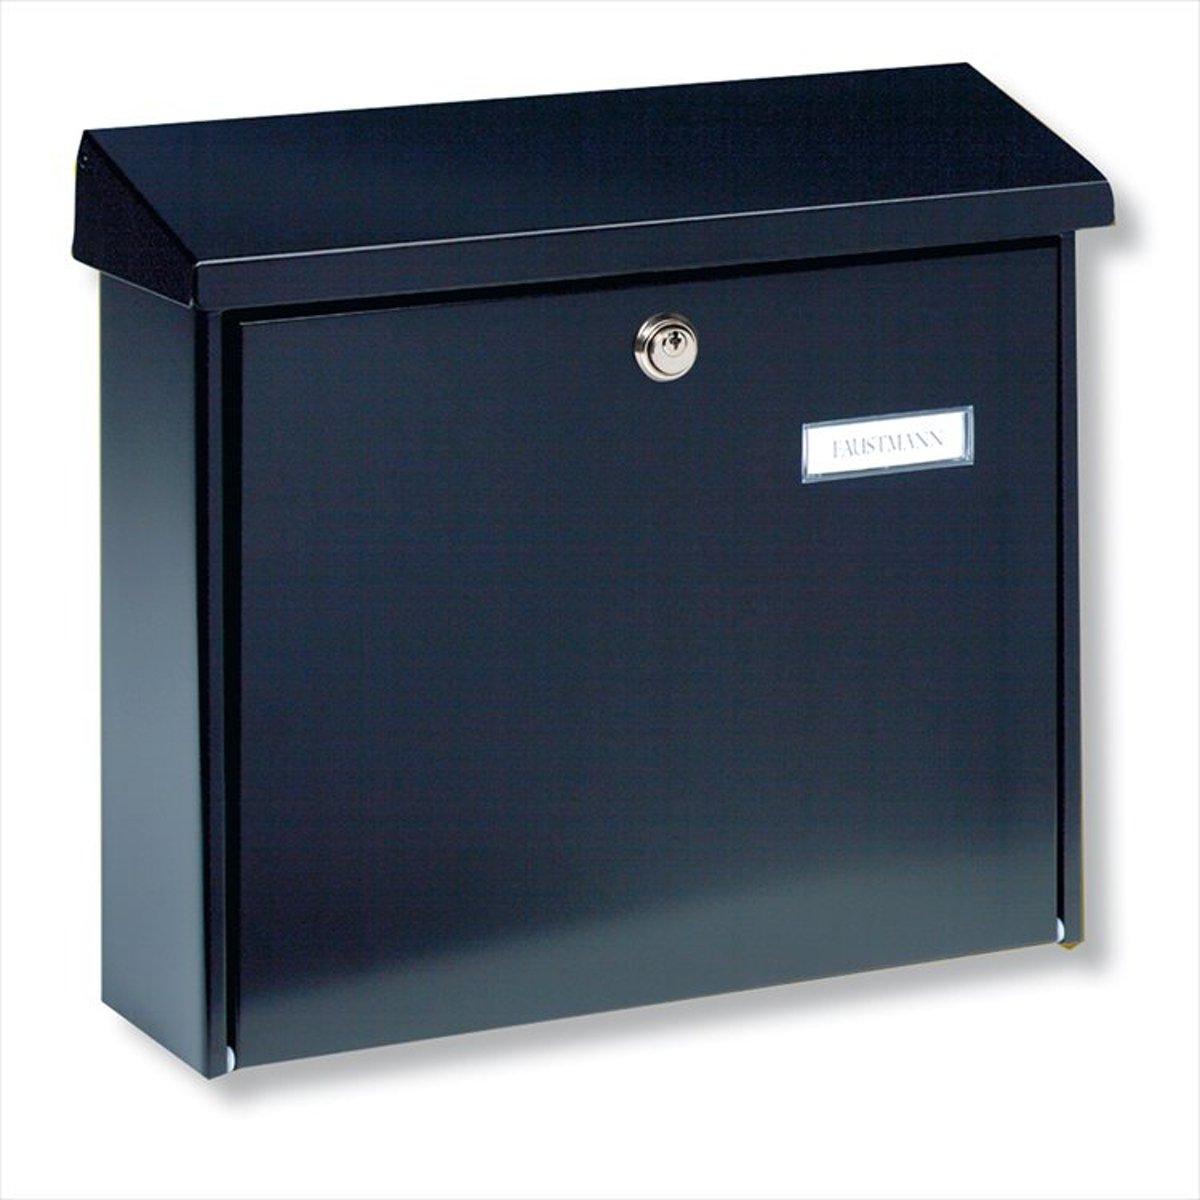 Burg Wächter Mail antraciet brievenbus kopen